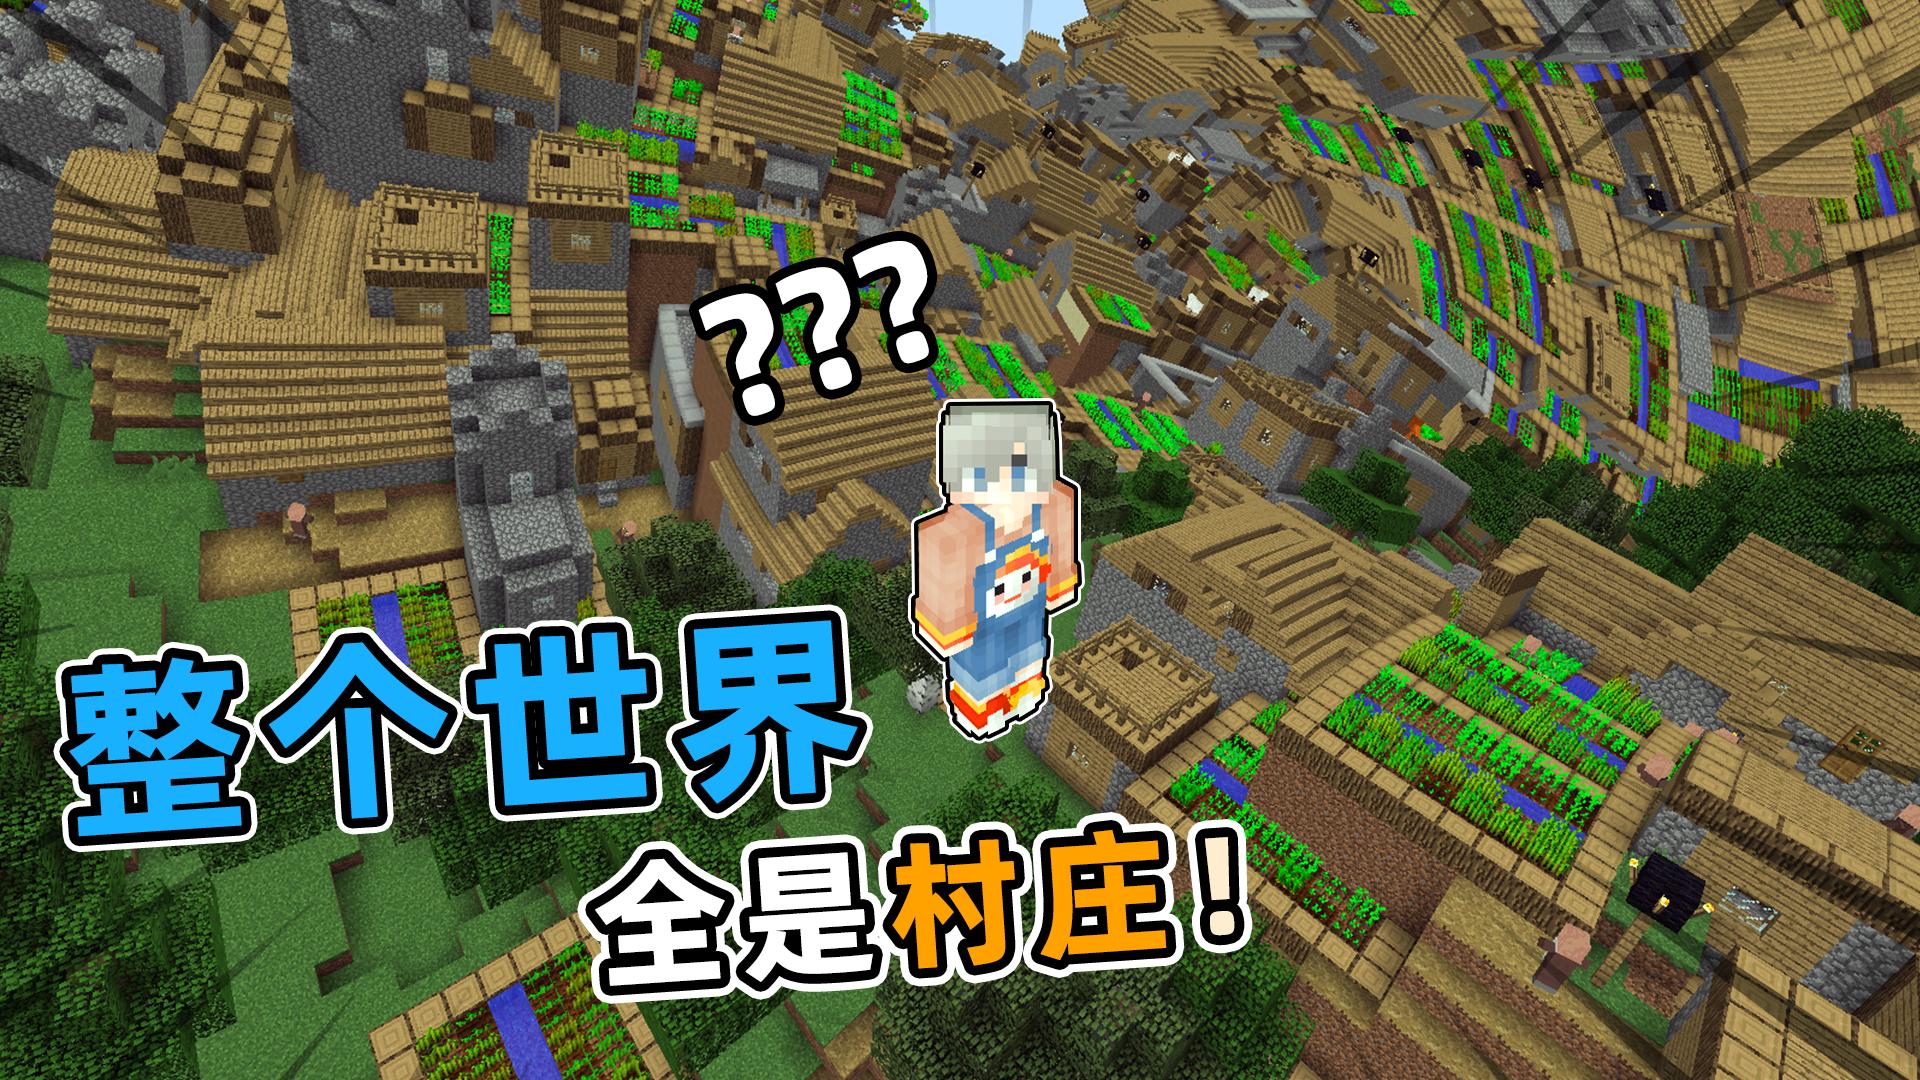 我的世界:整个世界全是村庄?如何生存下去!感觉就像来到了天堂